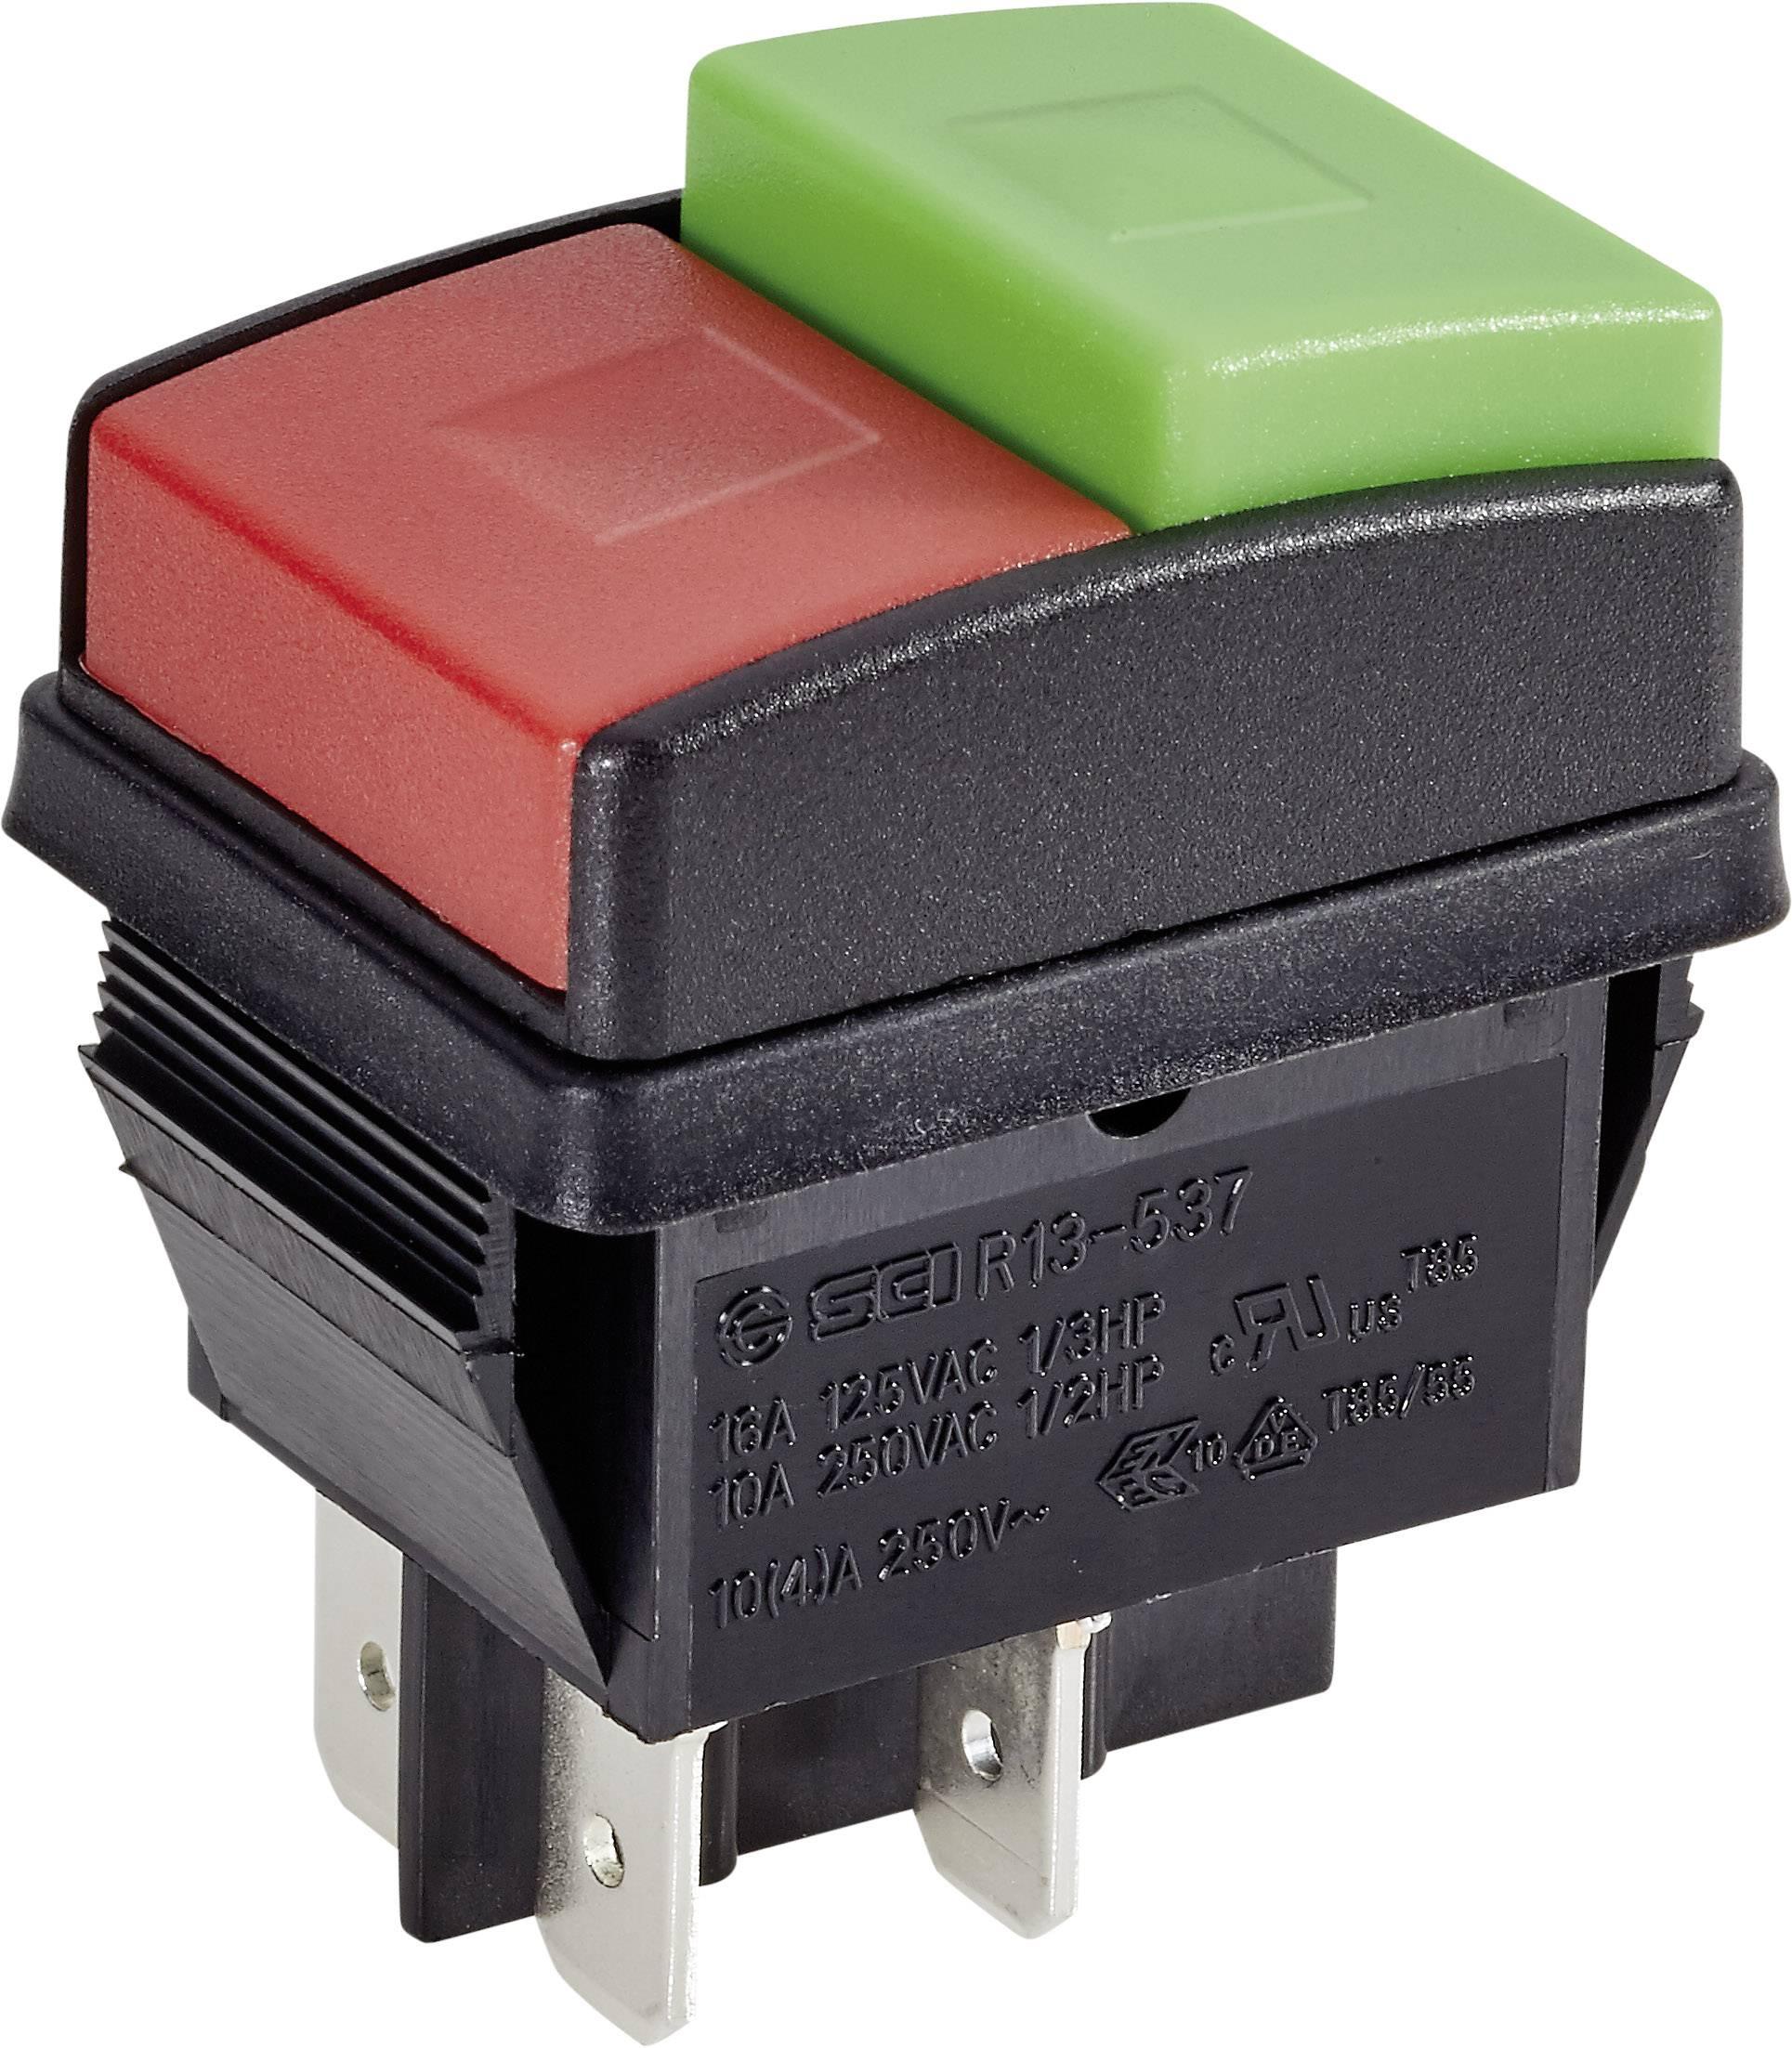 Tlačidlo SCI R13-537A B/R/G, 250 V/AC, 10 A, čierna, červená, zelená, 1 ks